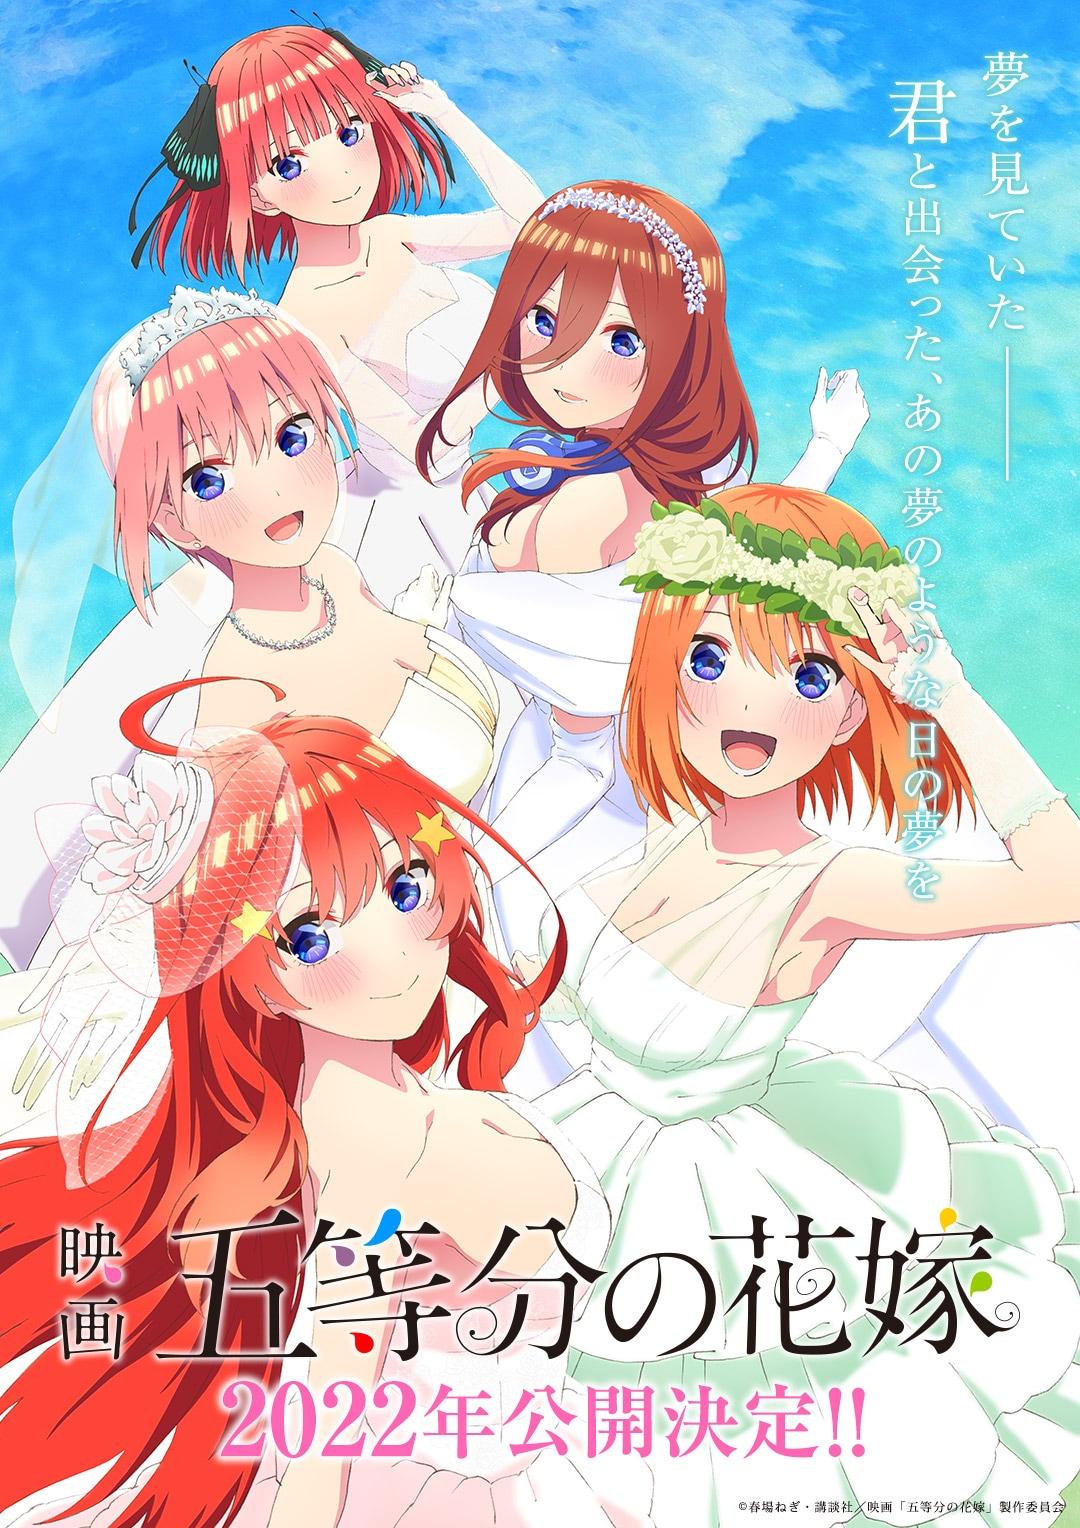 【アニメ】「五等分の花嫁」続きは映画で…みたいなのはやめて欲しい件【嫌われそ…】